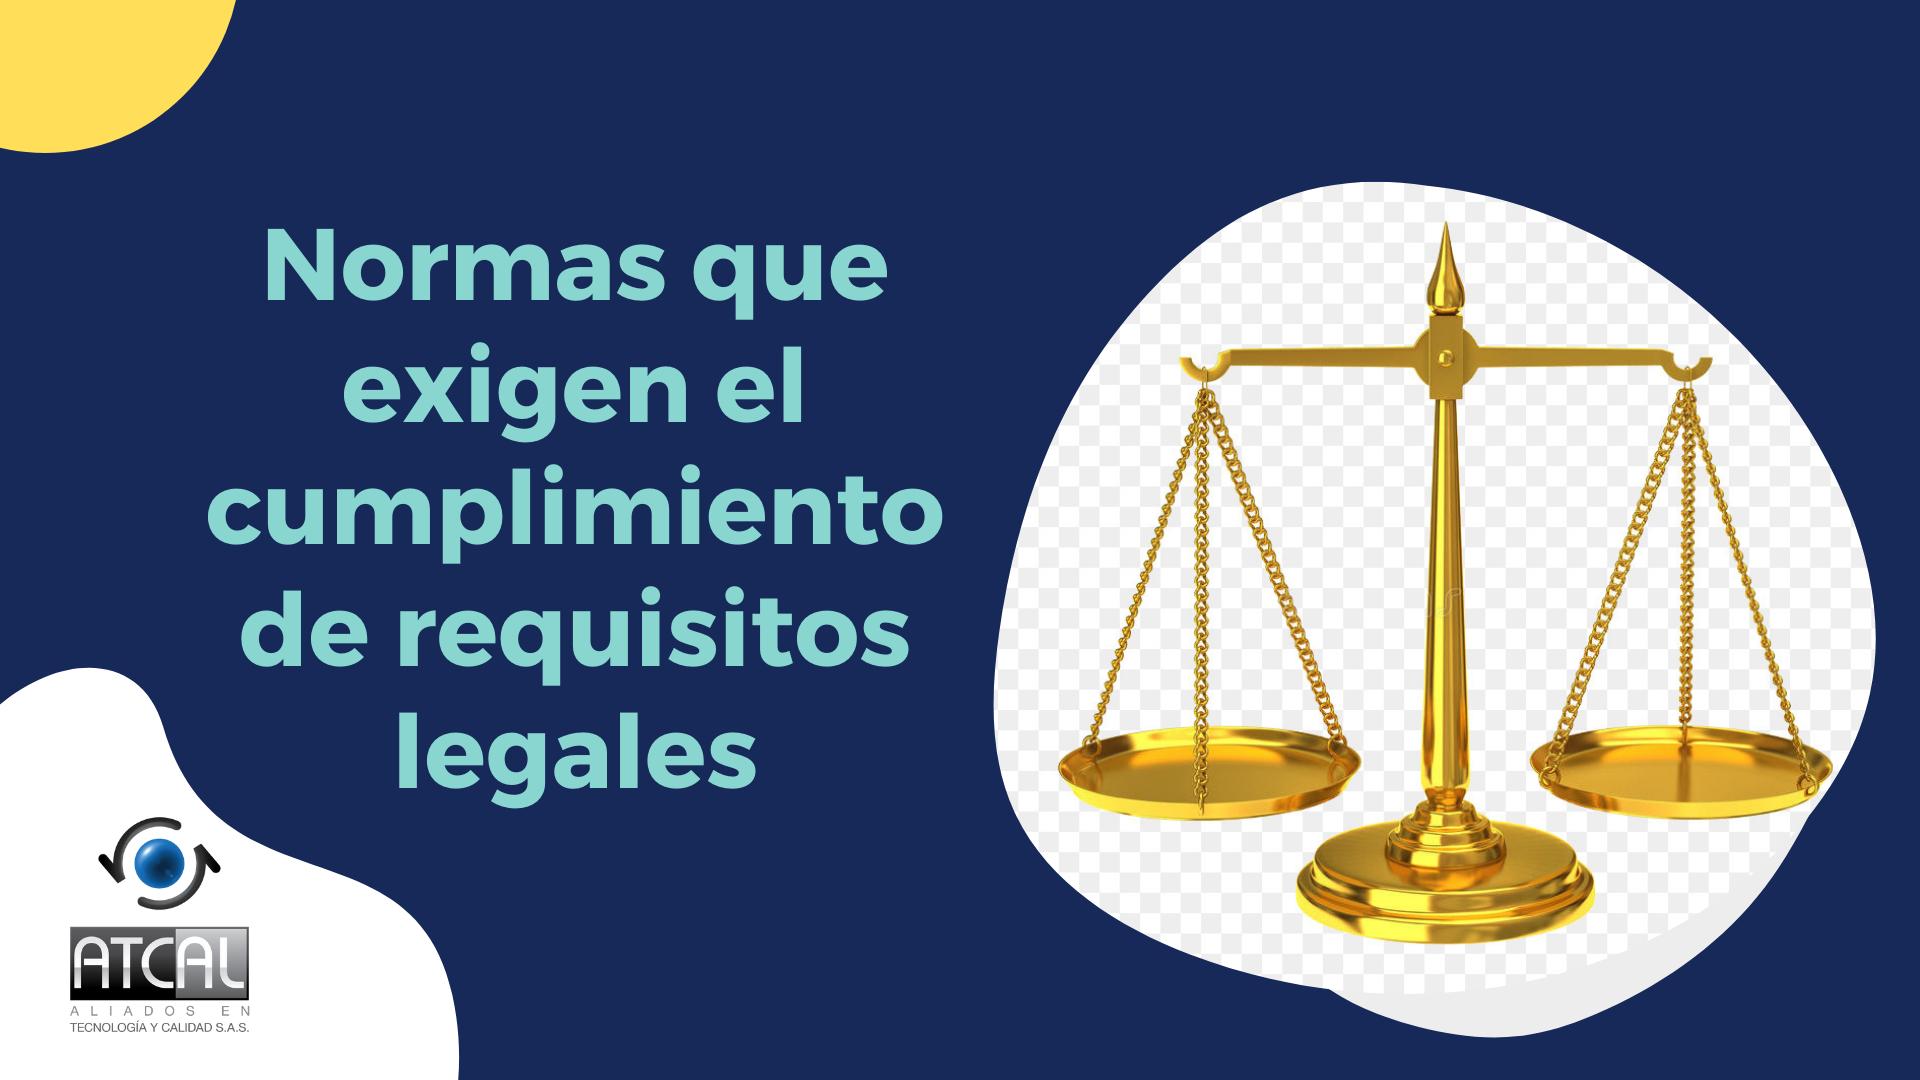 Normas que exigen el cumplimiento de requisitos legales